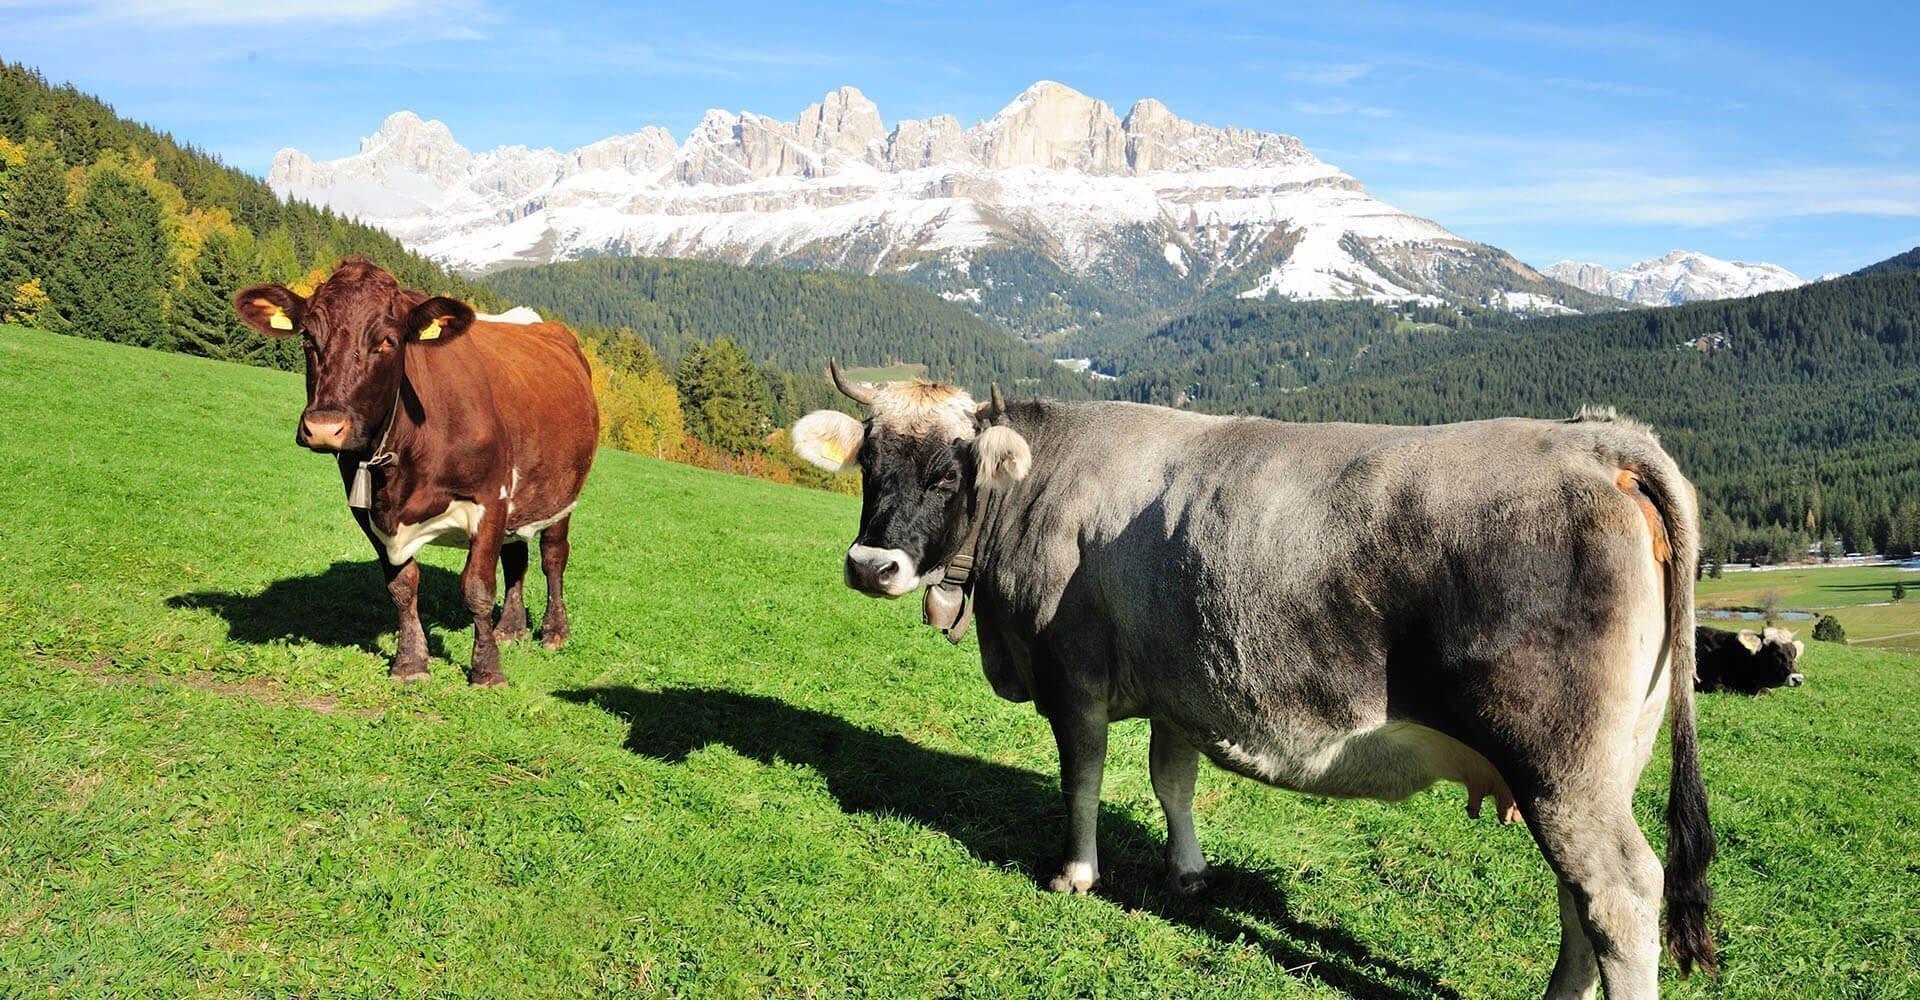 Urlaub auf dem Bauernhof Welschnofen